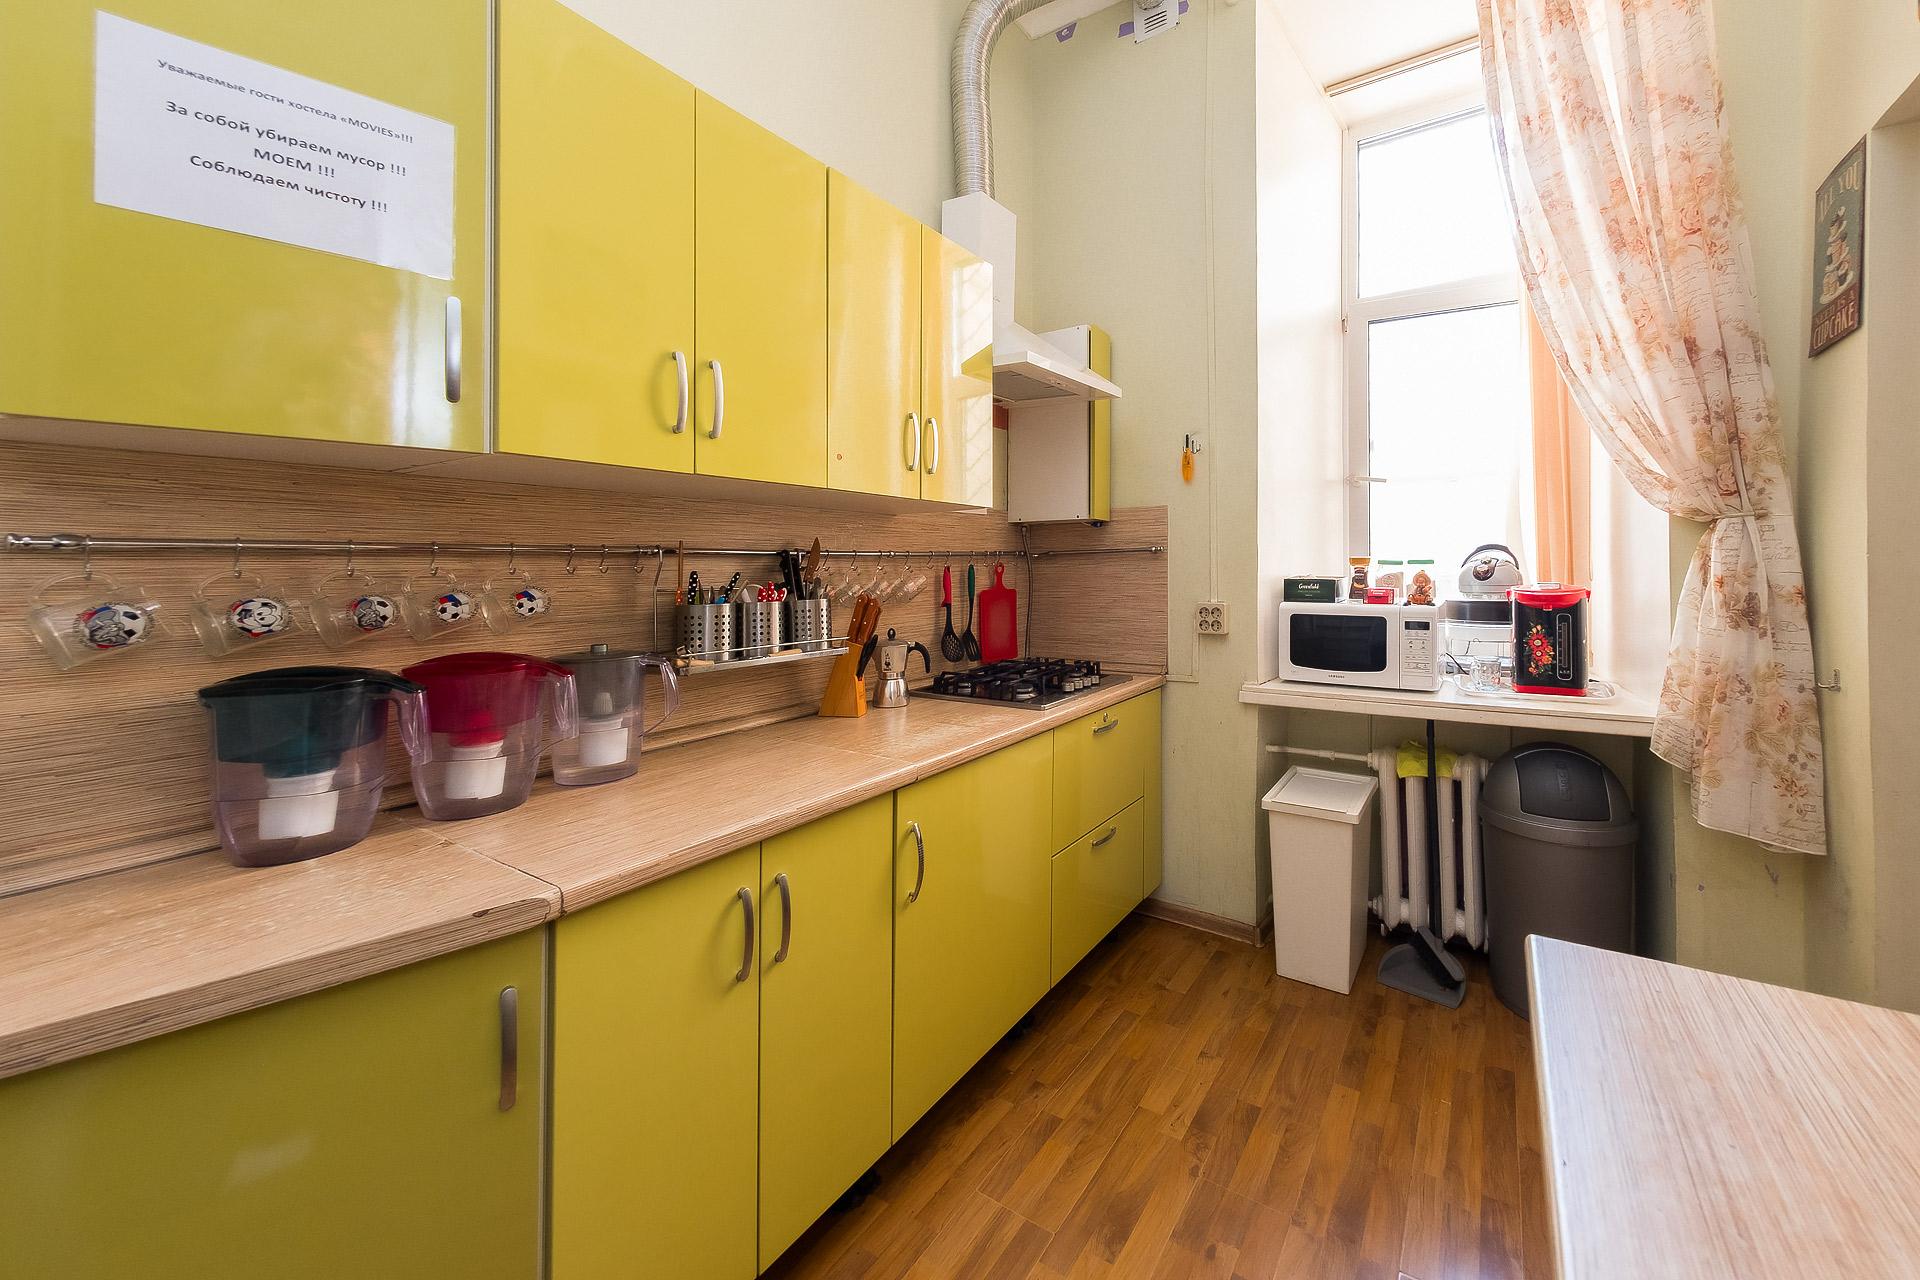 Картинки на кухню в общежитие